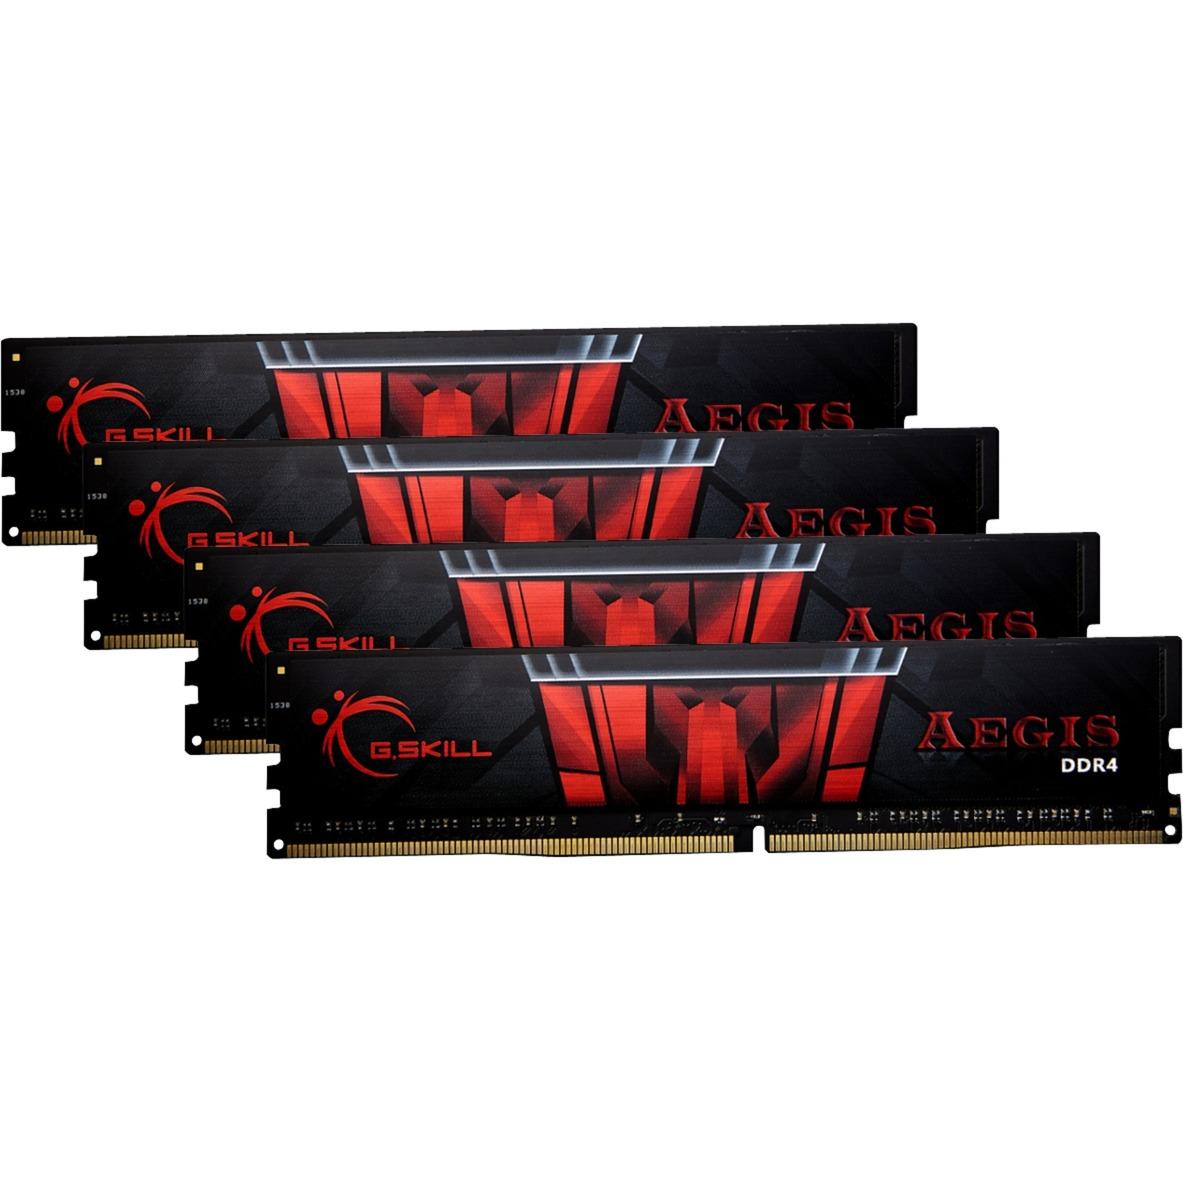 16GB DDR4-2133 16GB DDR4 2133MHz módulo de memoria, Memoria RAM